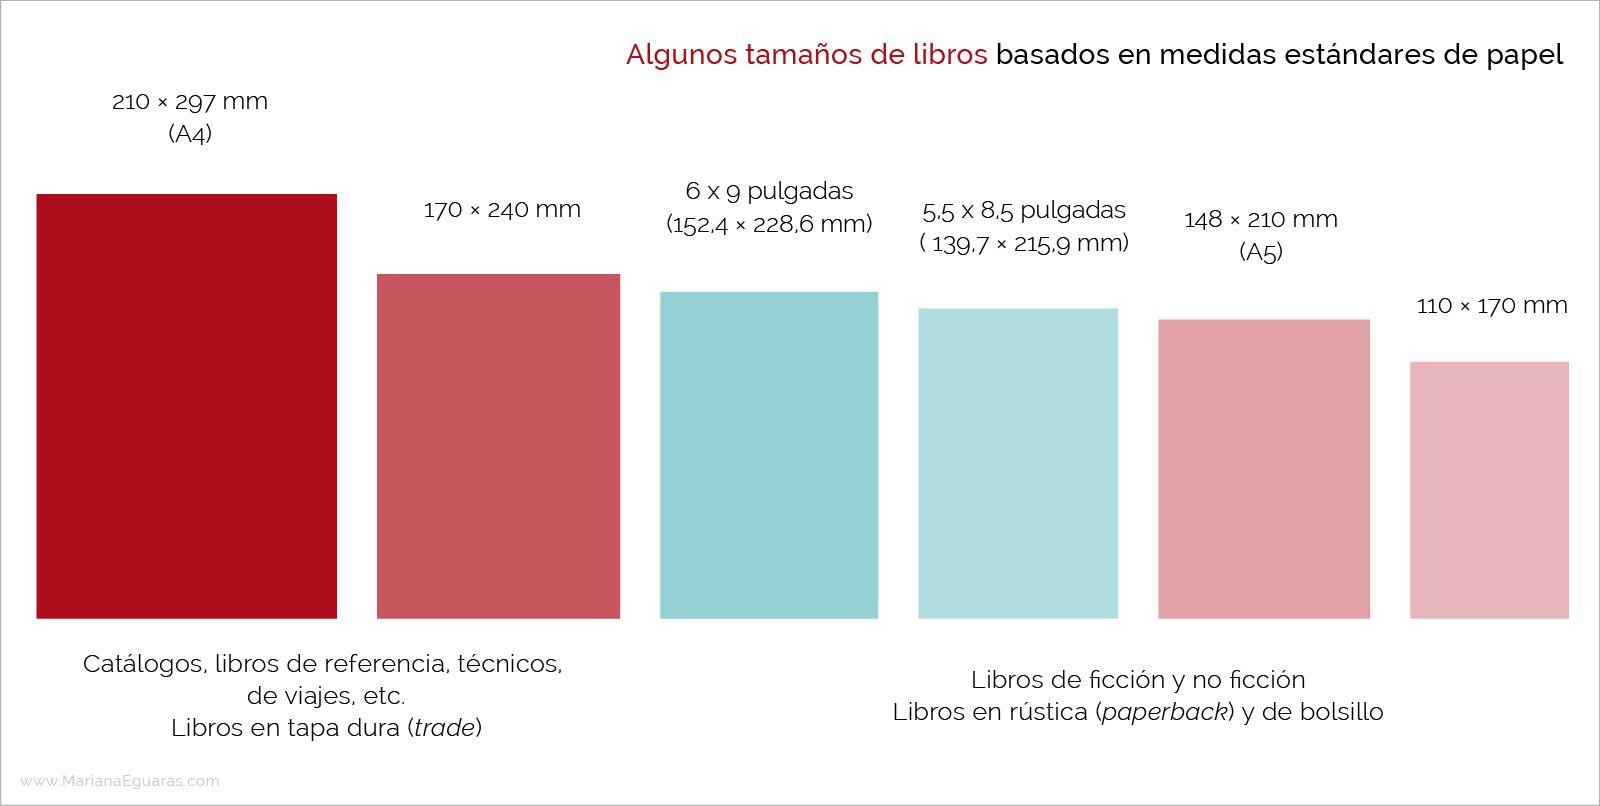 Tamaños de papel para la composición de libros - Comparativa de medidasedidas